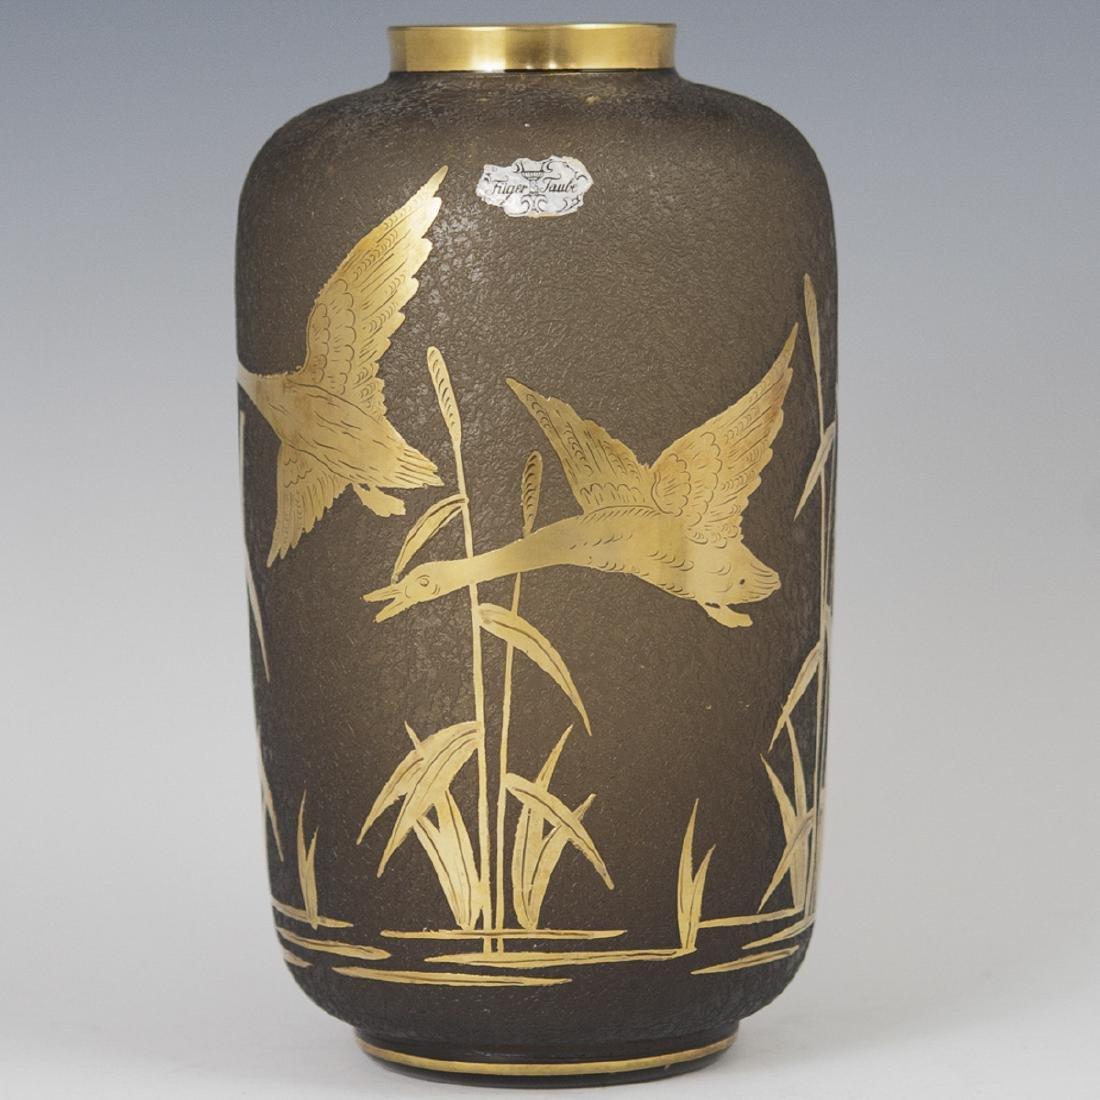 Fuger Taube Etched Glass Vase